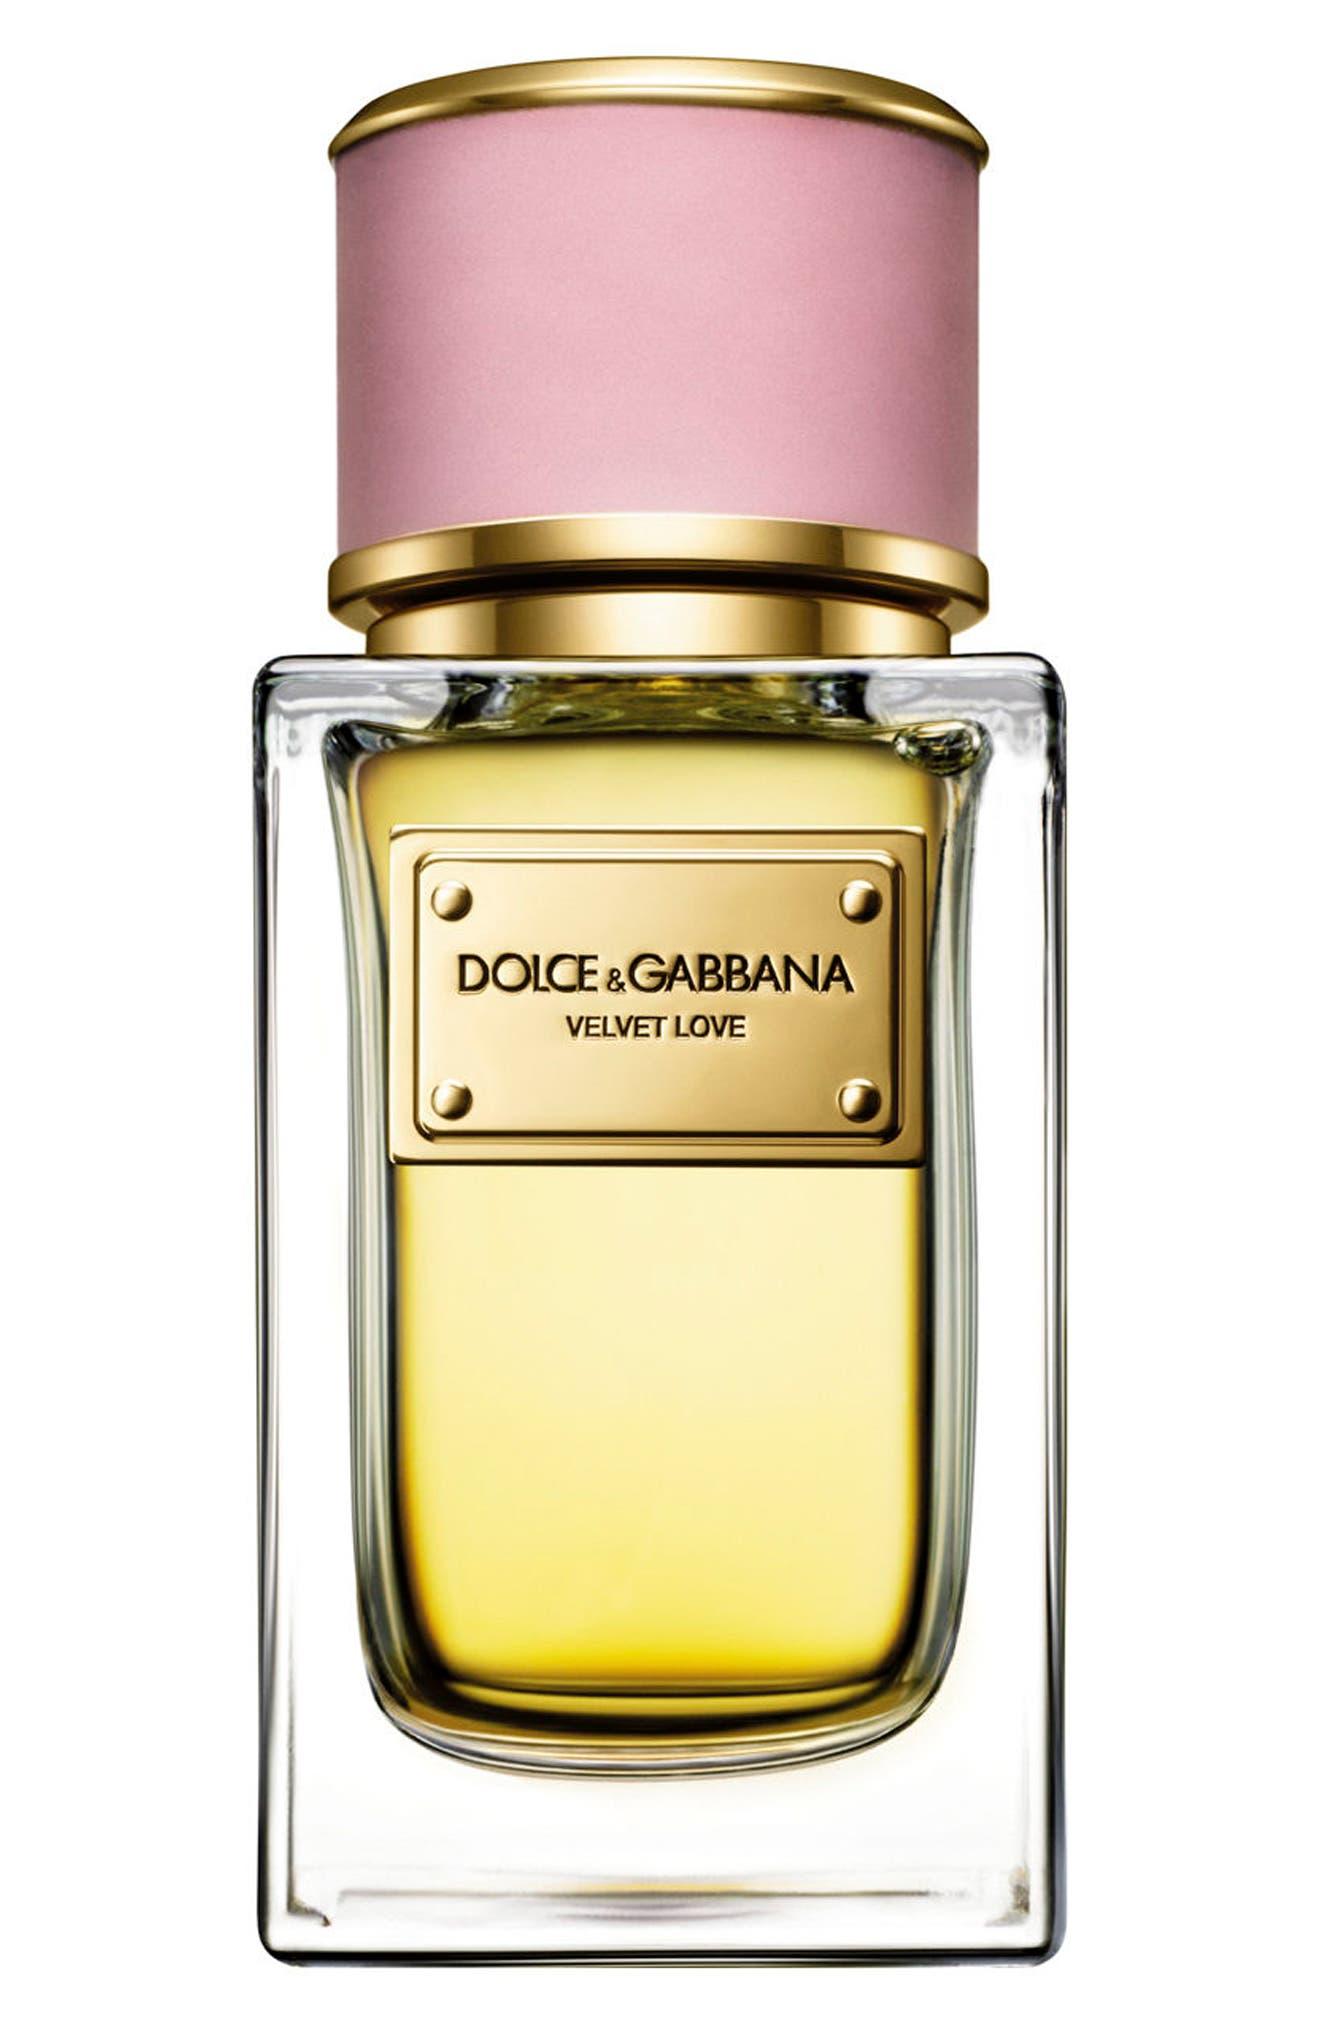 Dolce&GabbanaBeauty 'Velvet Love' Eau de Parfum